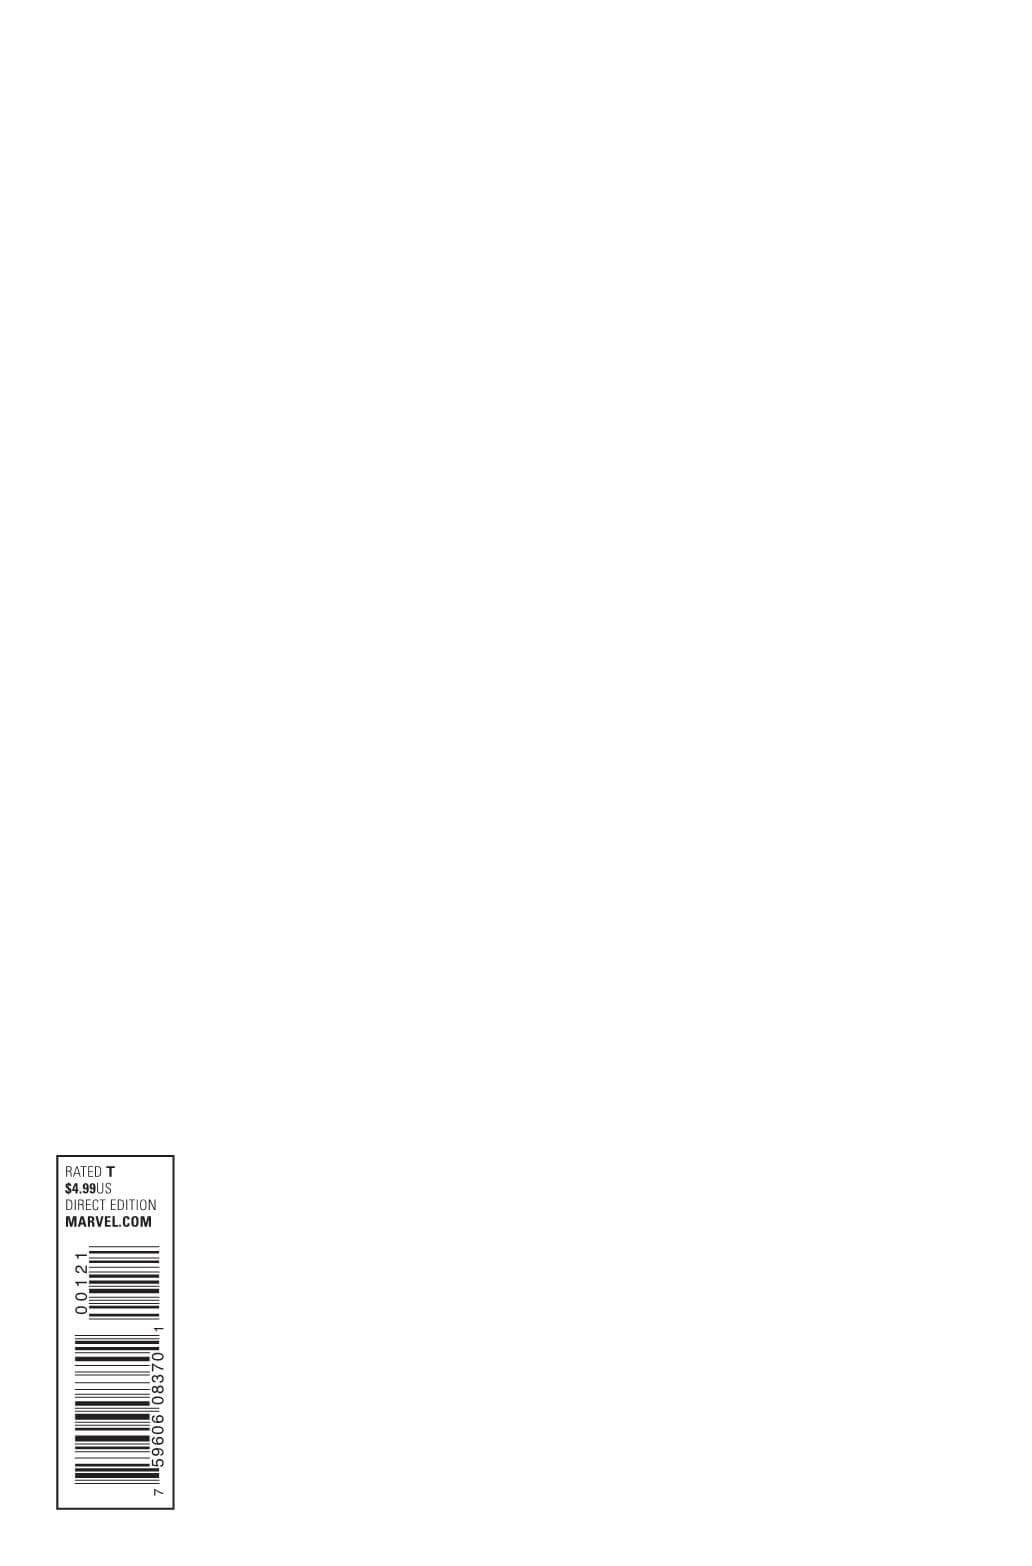 STWANNCOV2015001_DC21_2